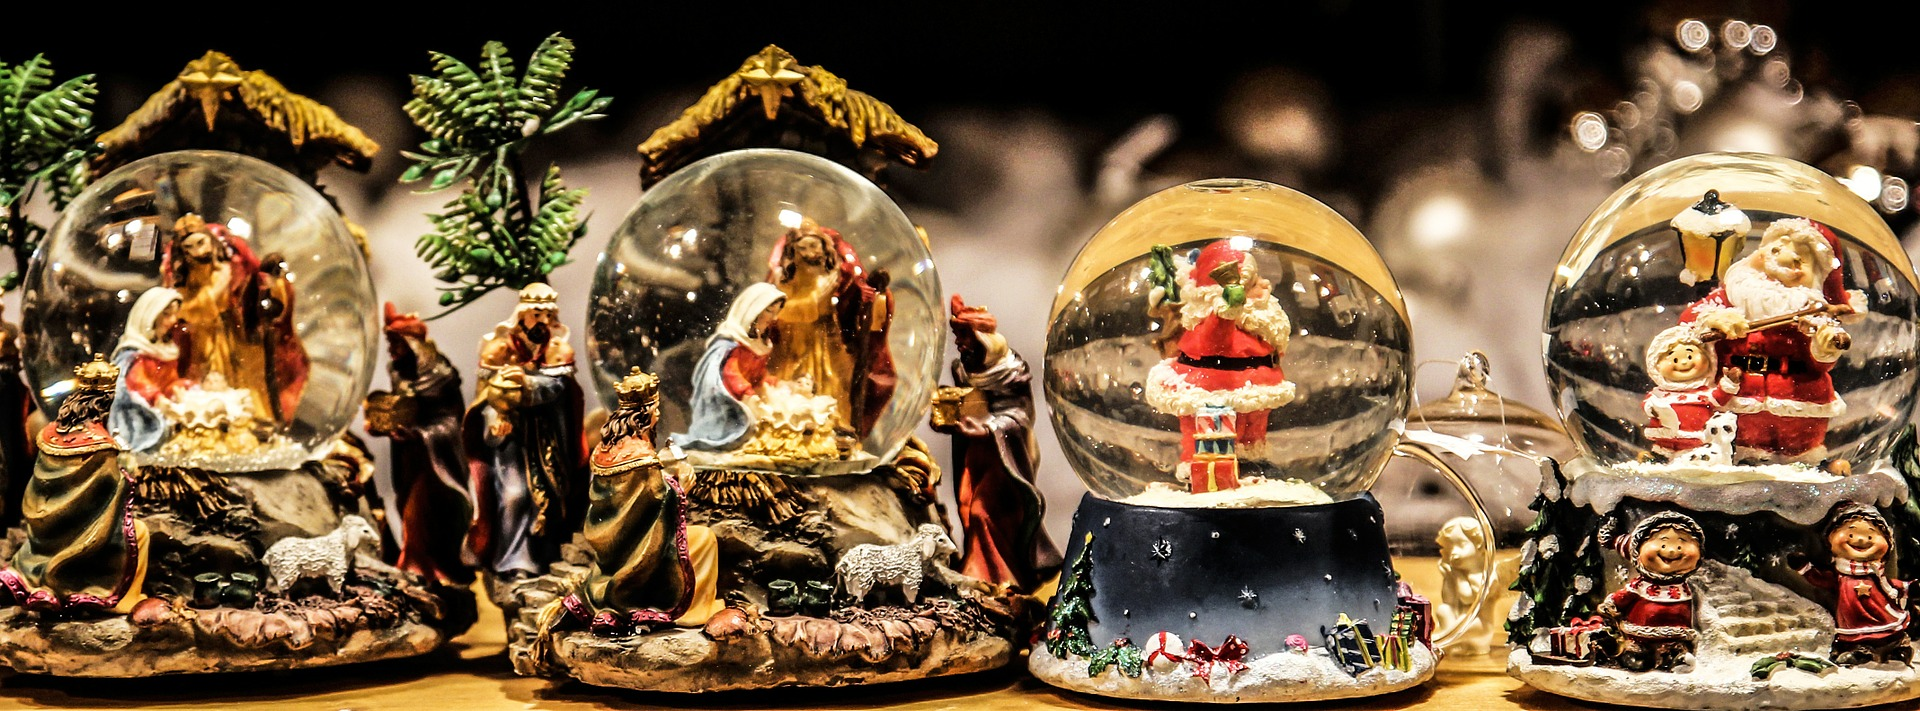 Image: Christmas Market via Pixabay